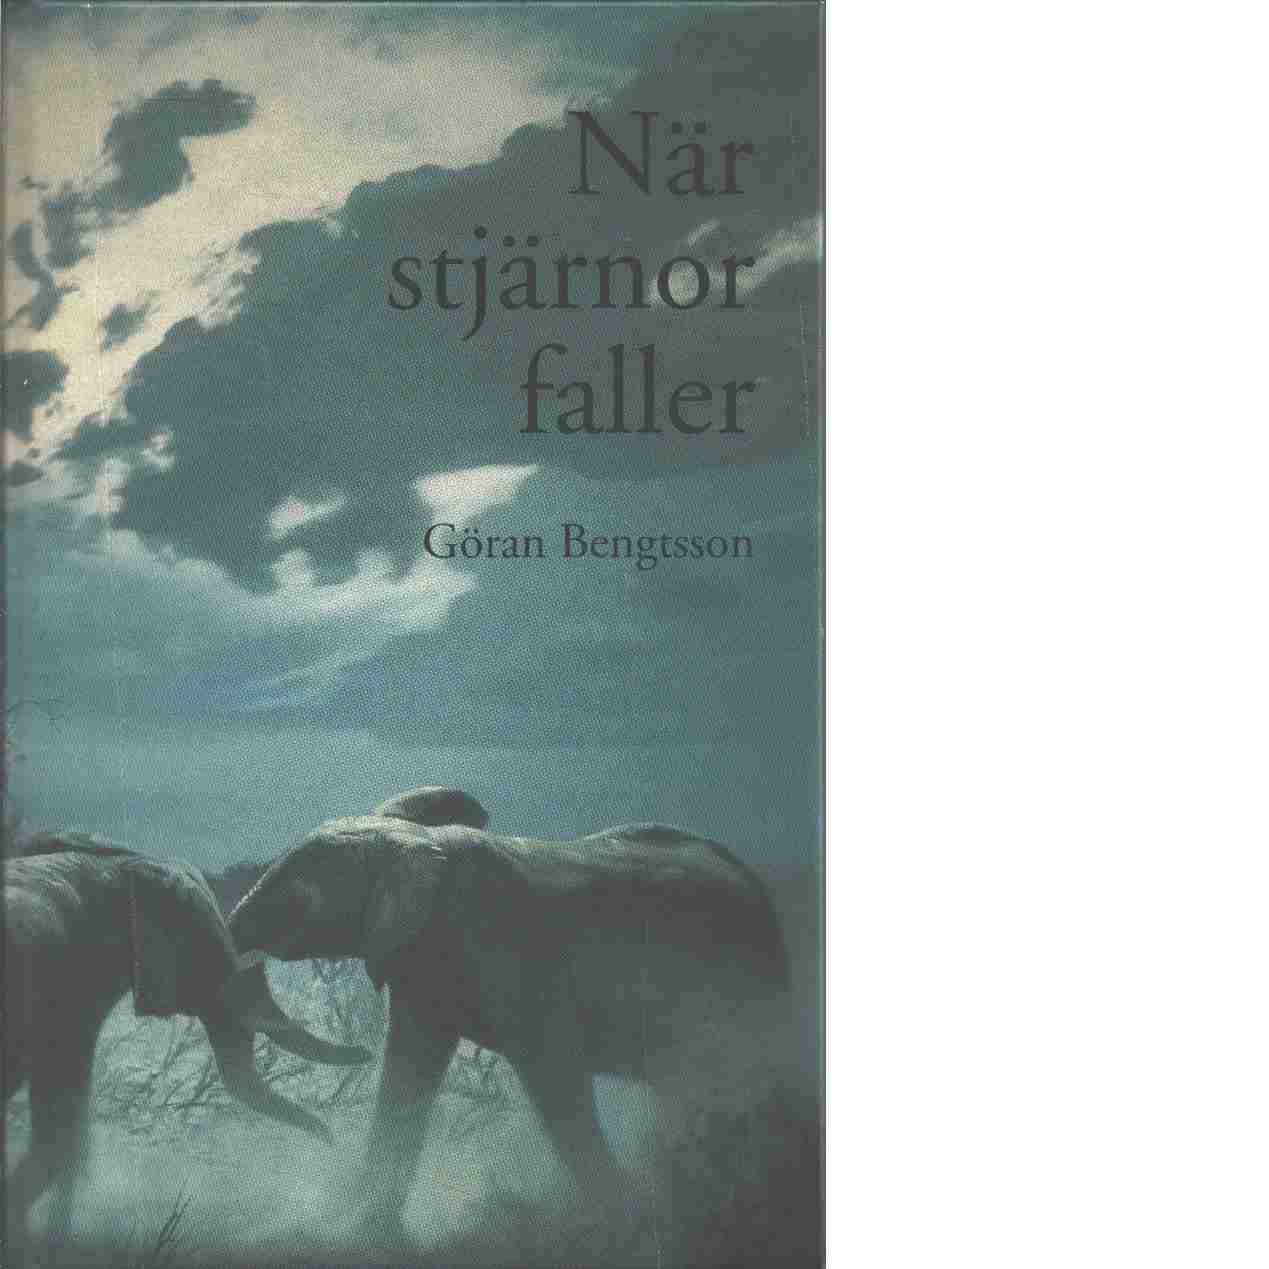 När stjärnor faller - Bengtsson, Göran